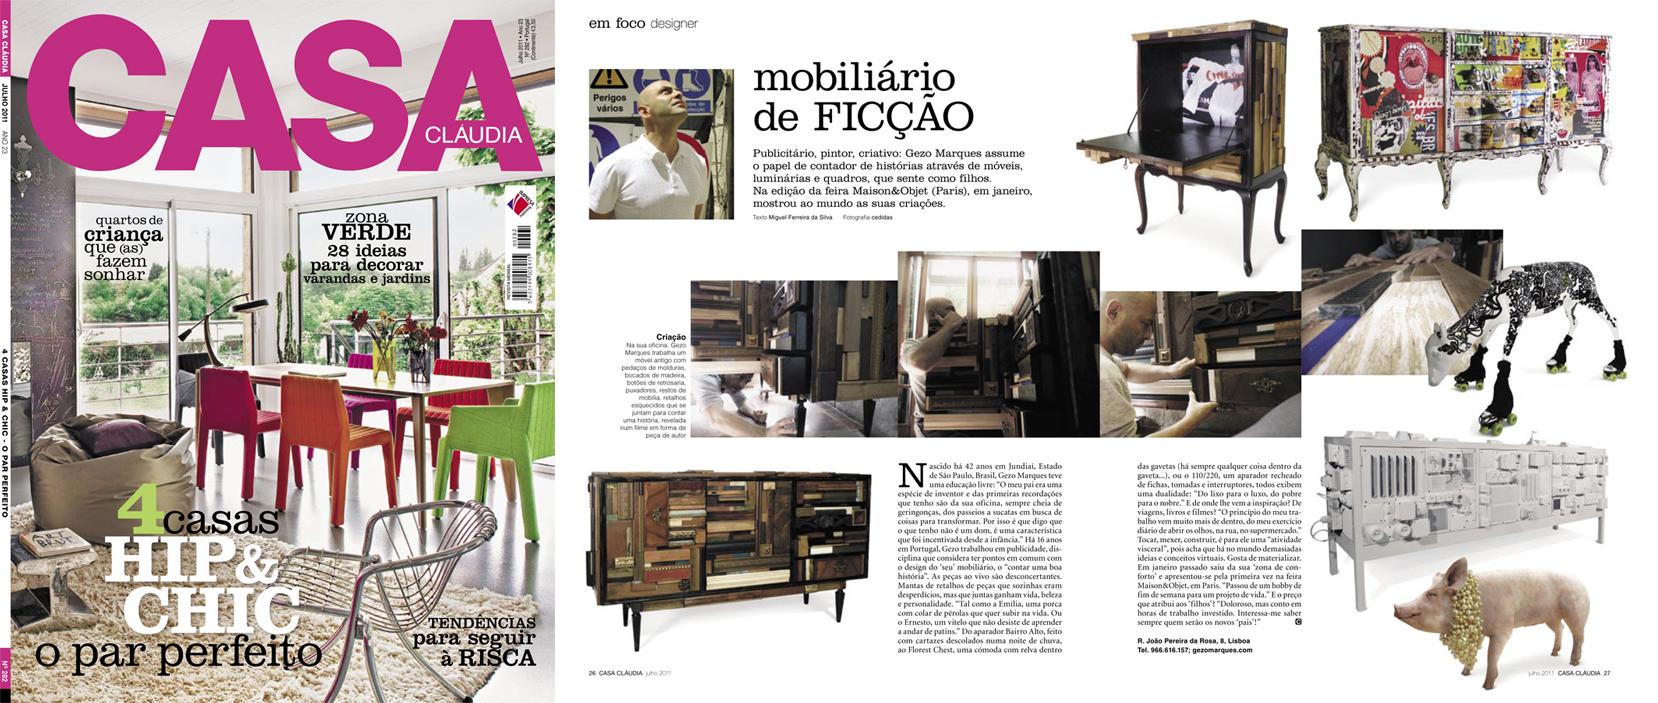 Oficina Marques Casa Claudia.jpg